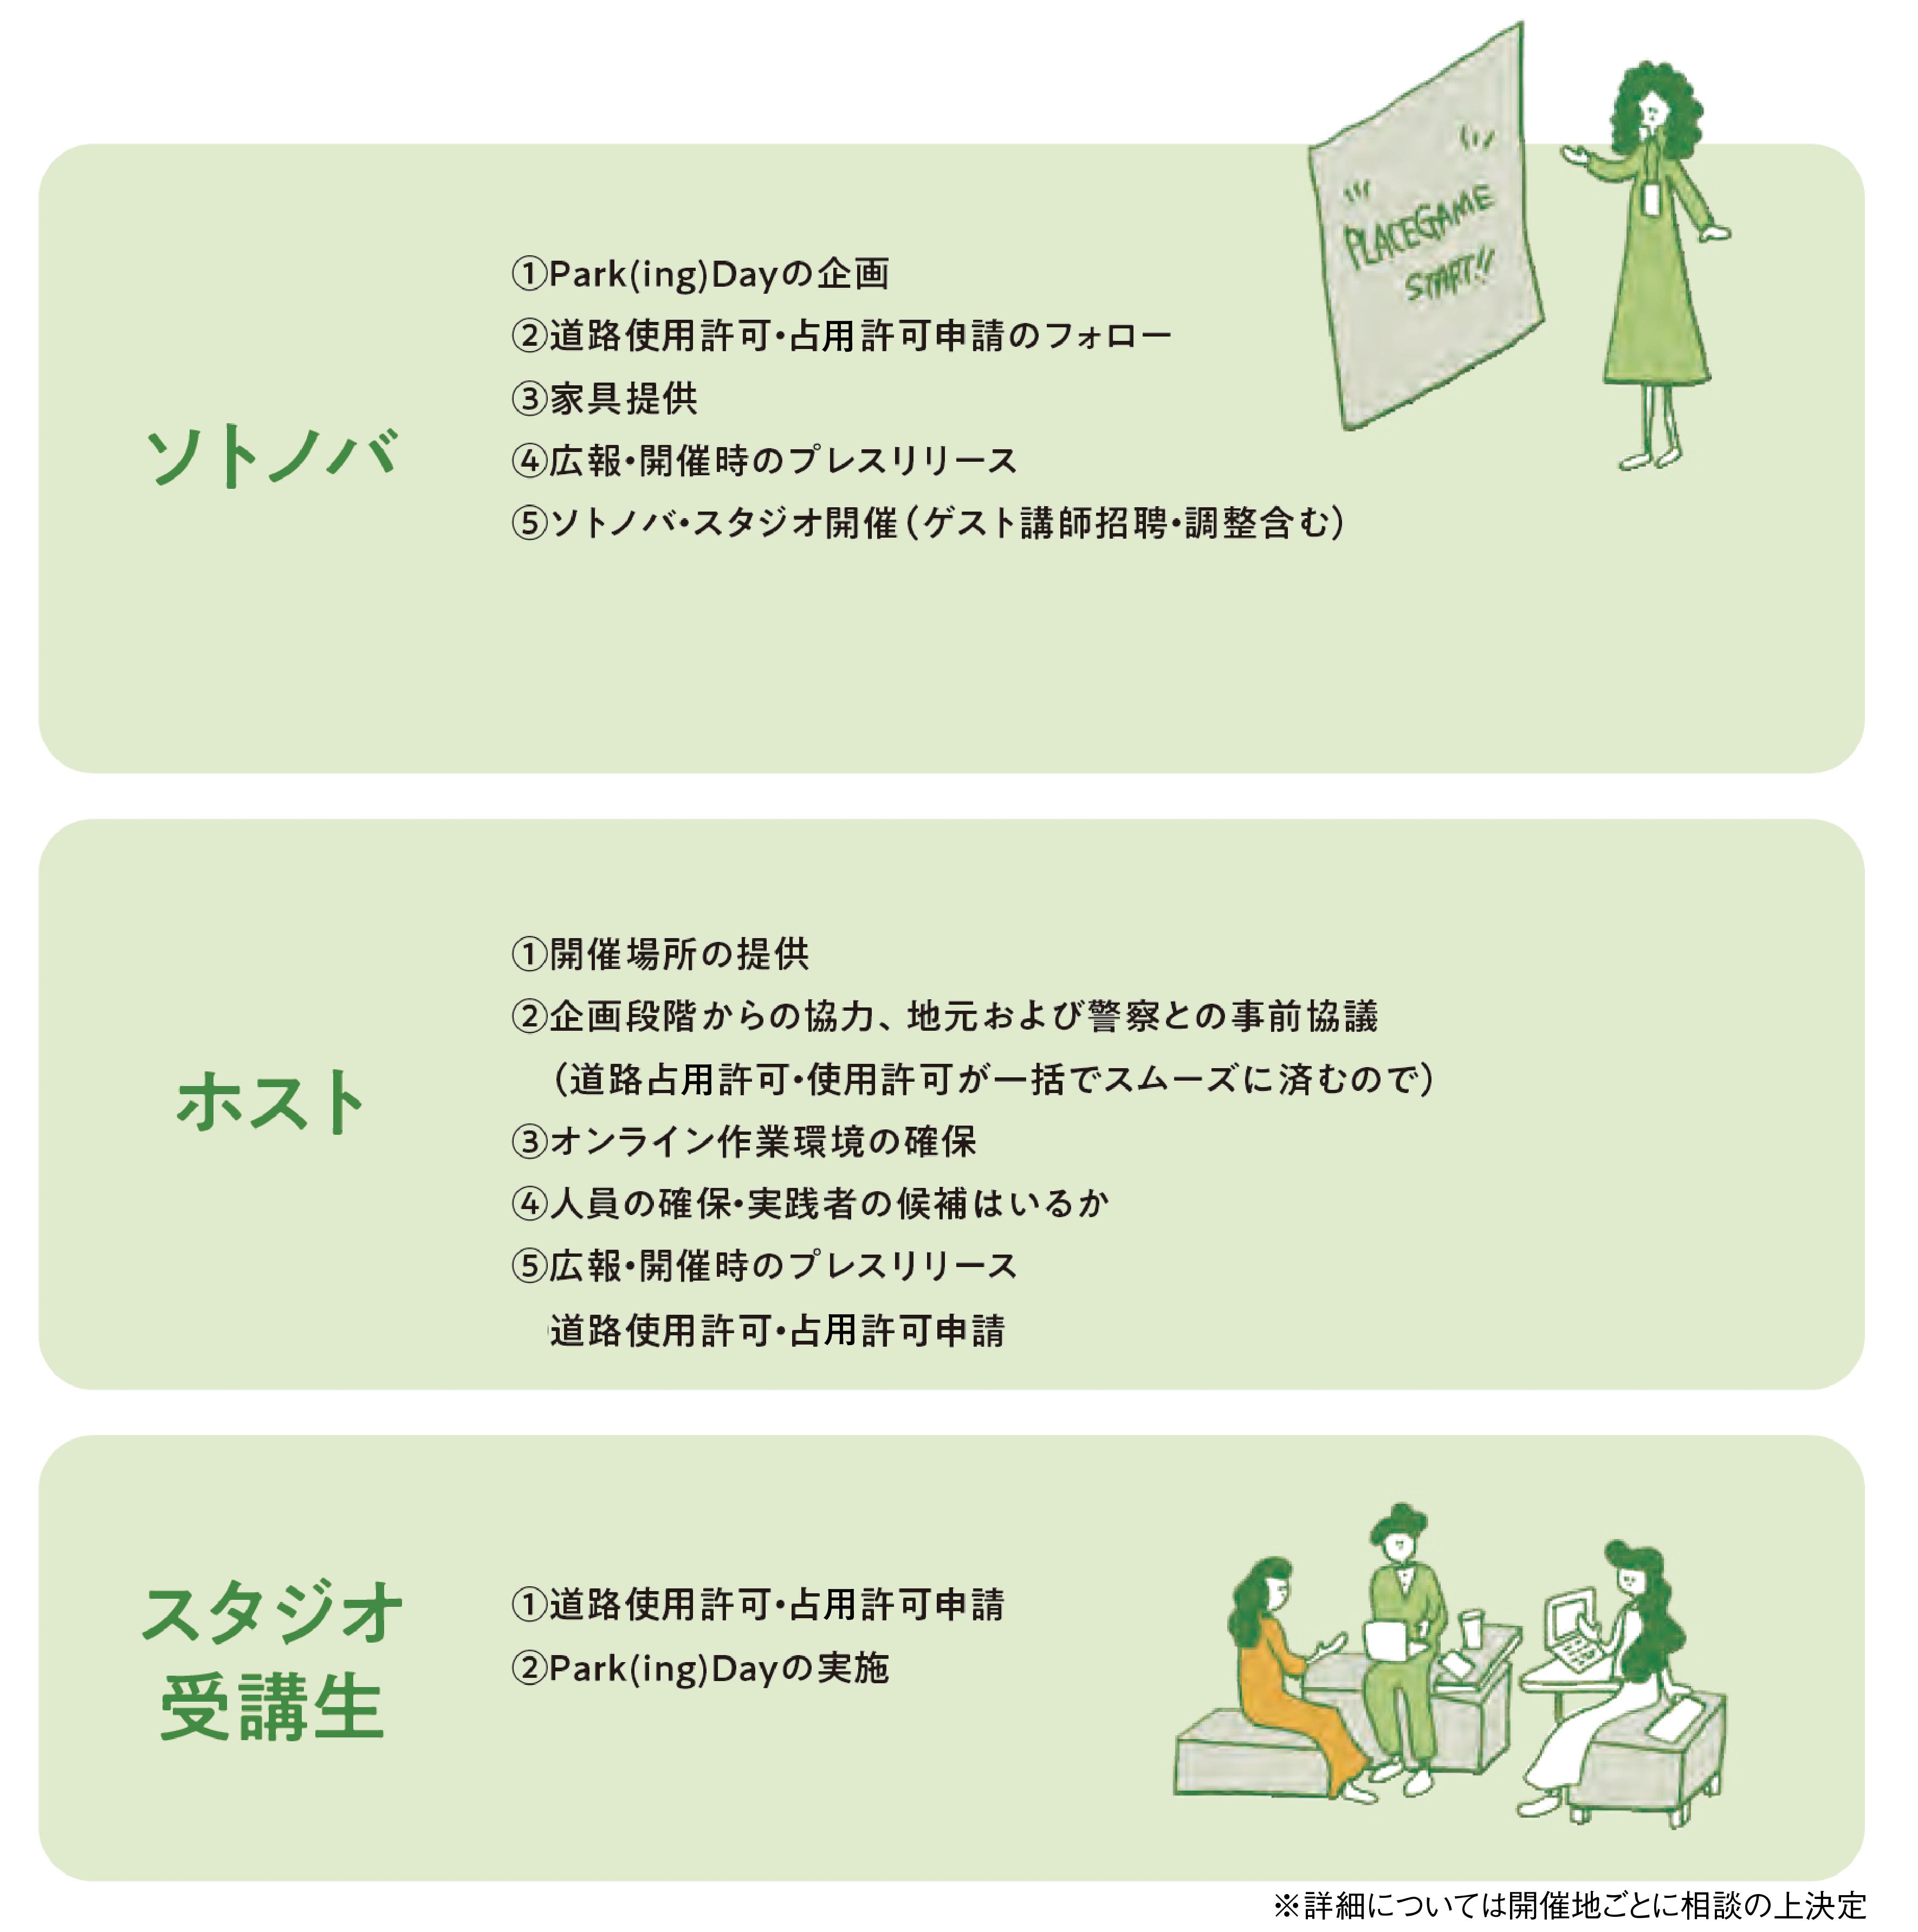 yakuwari2106021800